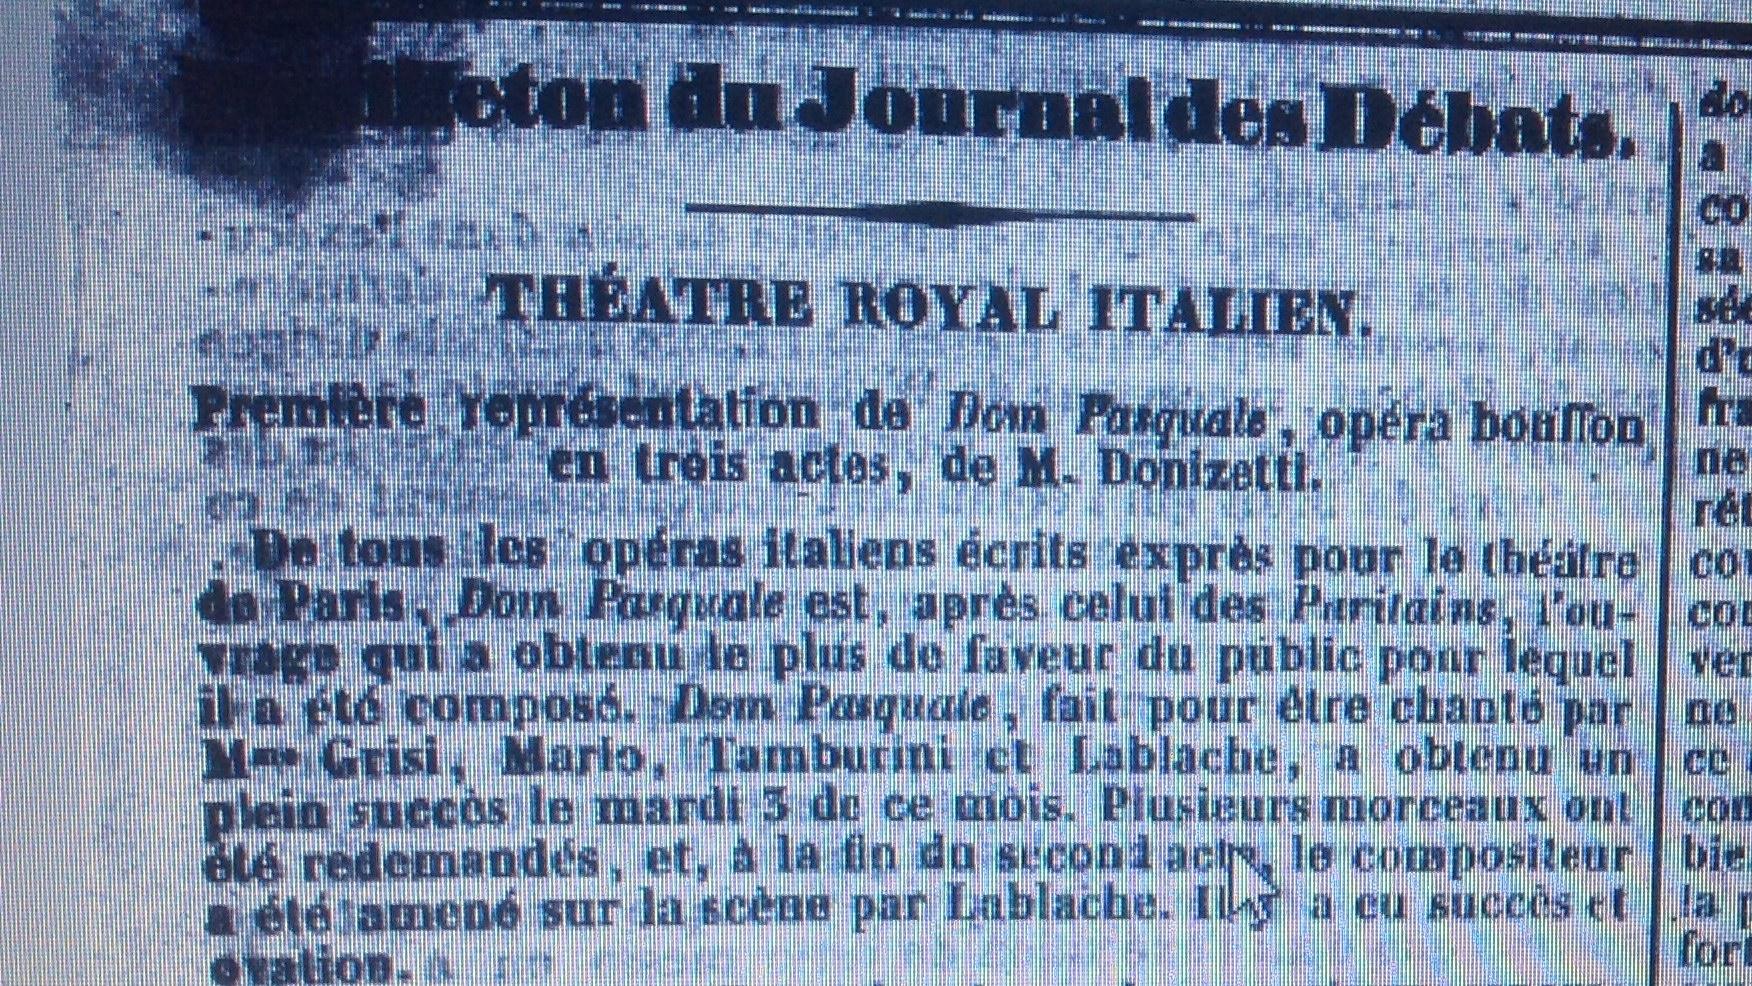 jdd 6 1 1843 A